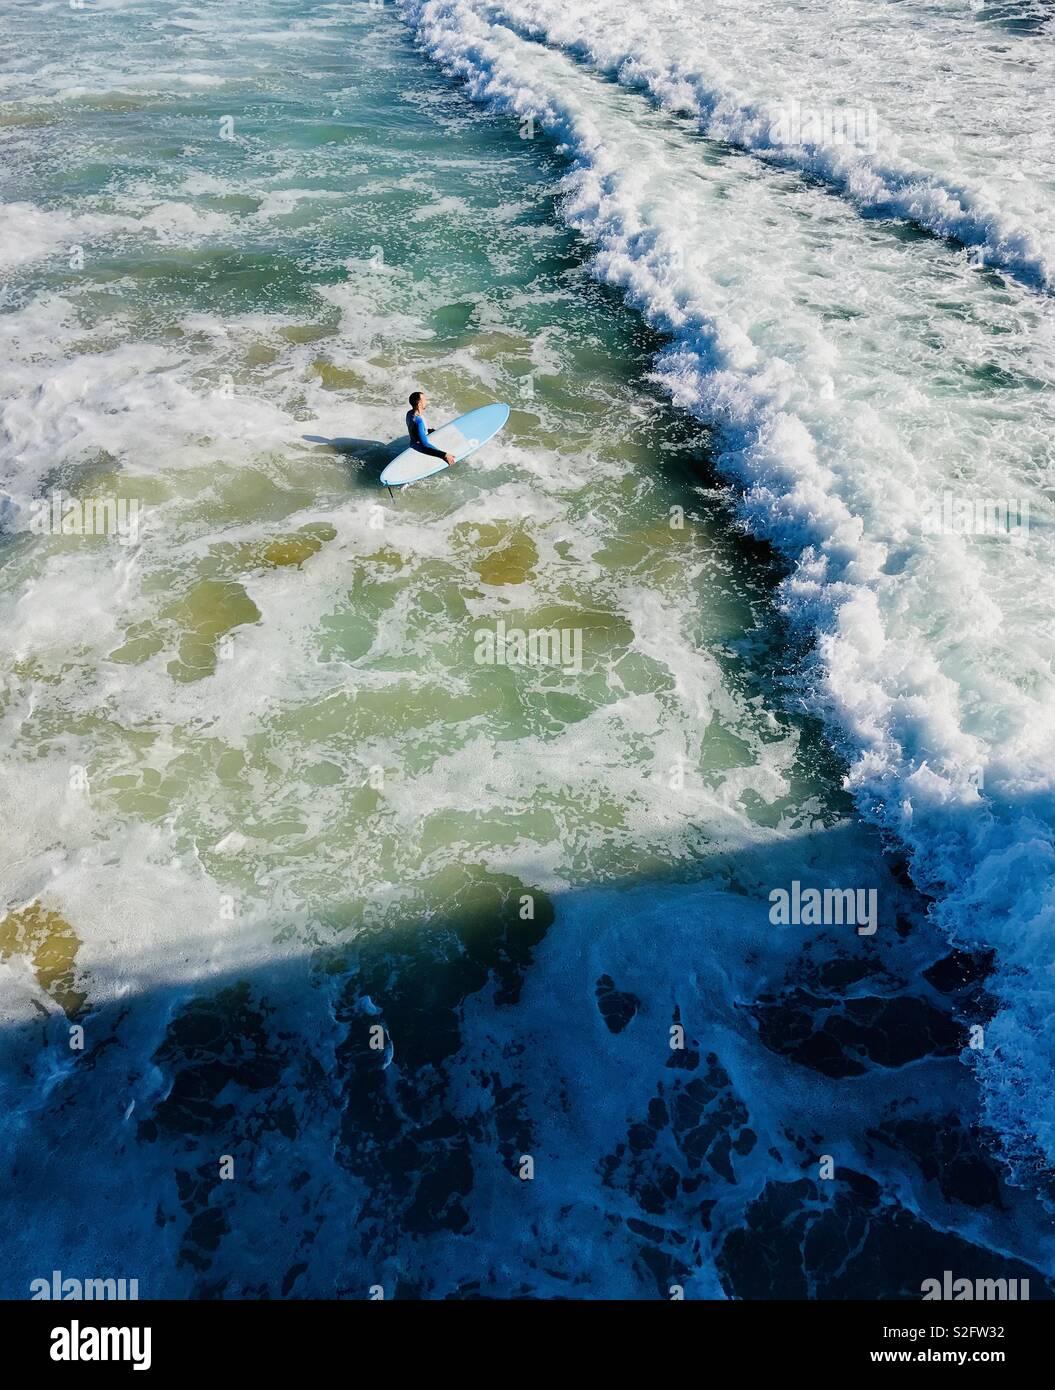 Un homme marche sur le surfeur surf. Manhattan Beach, California USA Banque D'Images